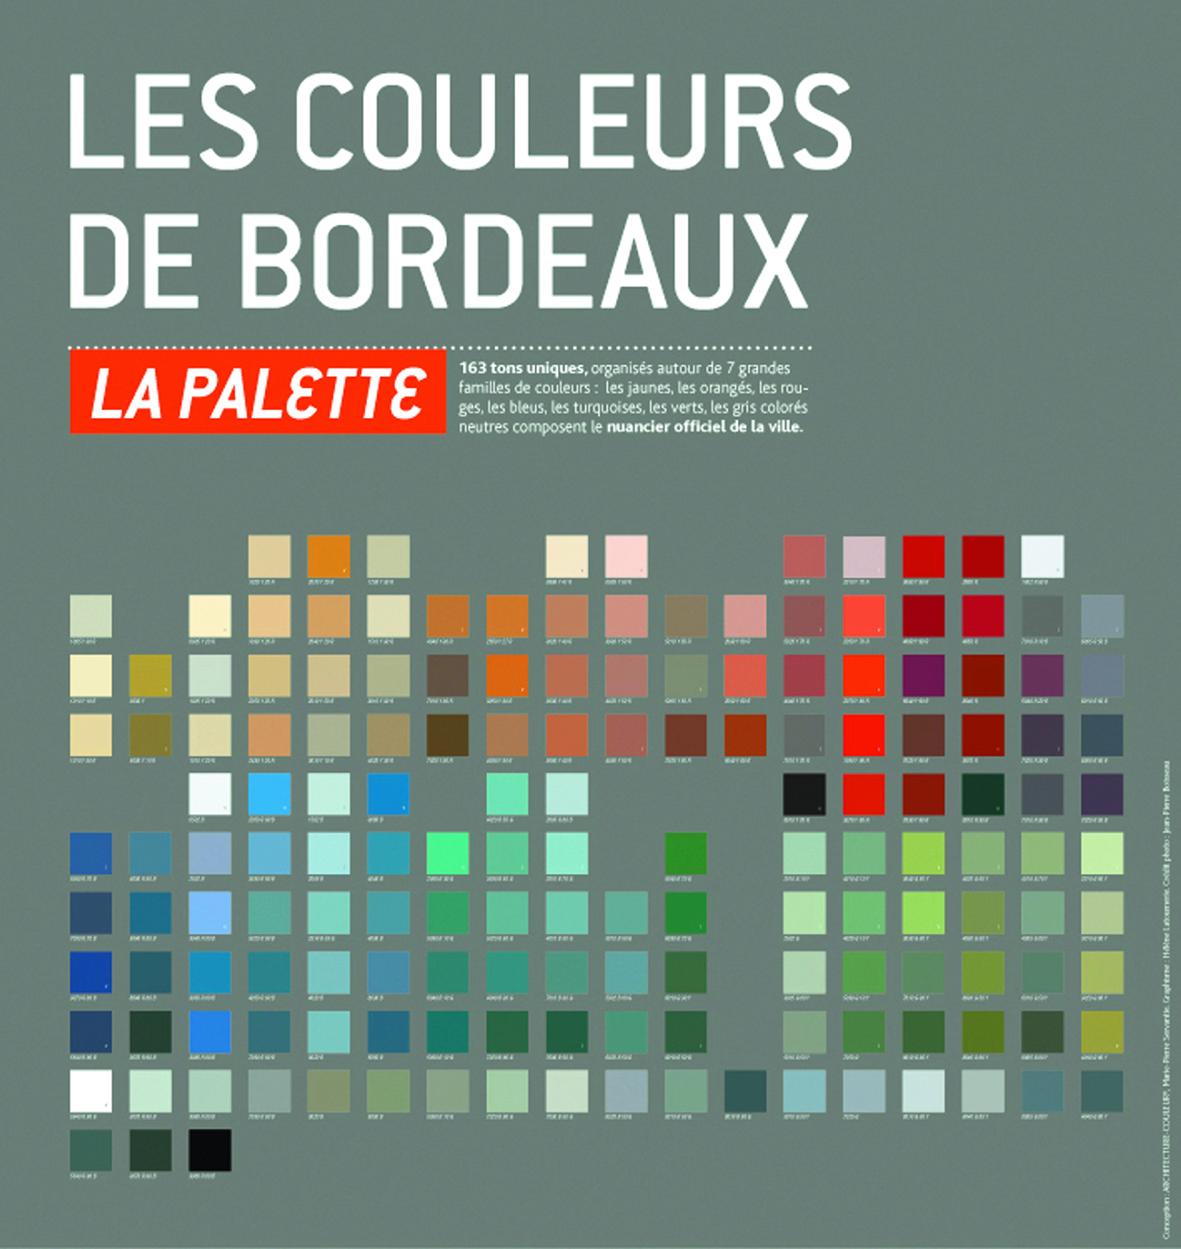 Charte Couleur de Bordeaux-Couleurs historiques